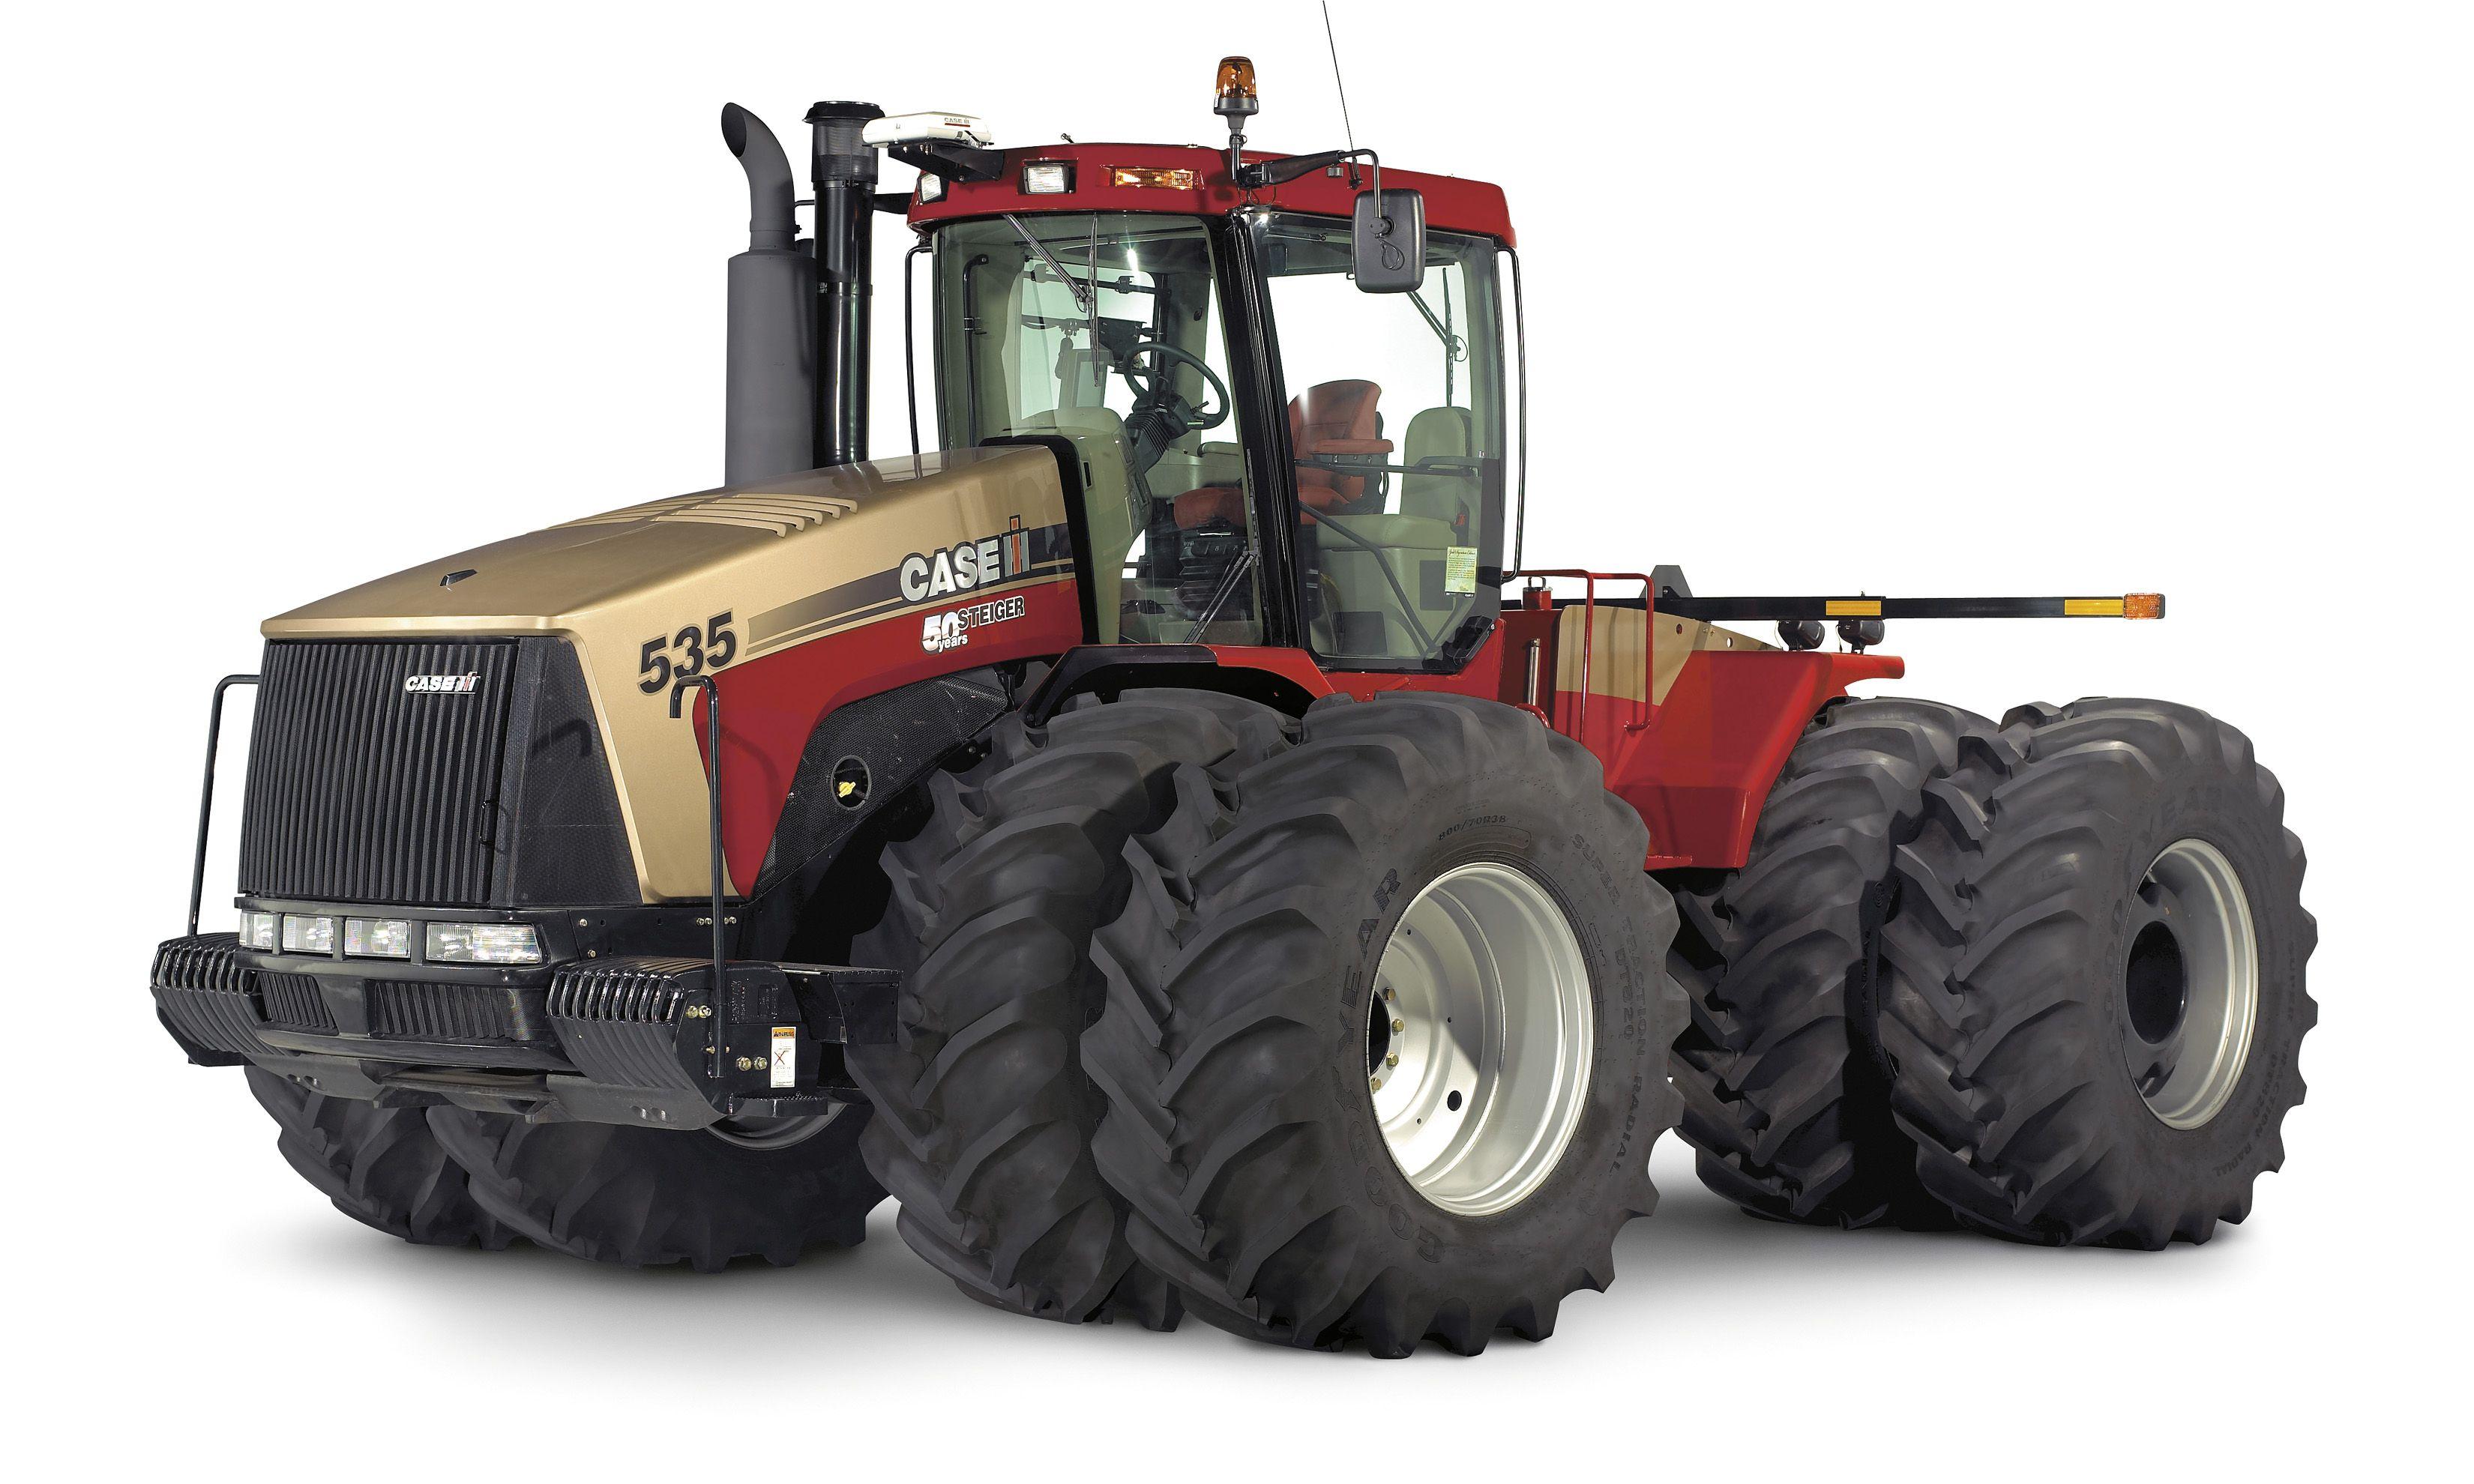 case ih tractor case ih steiger modern farm equipment